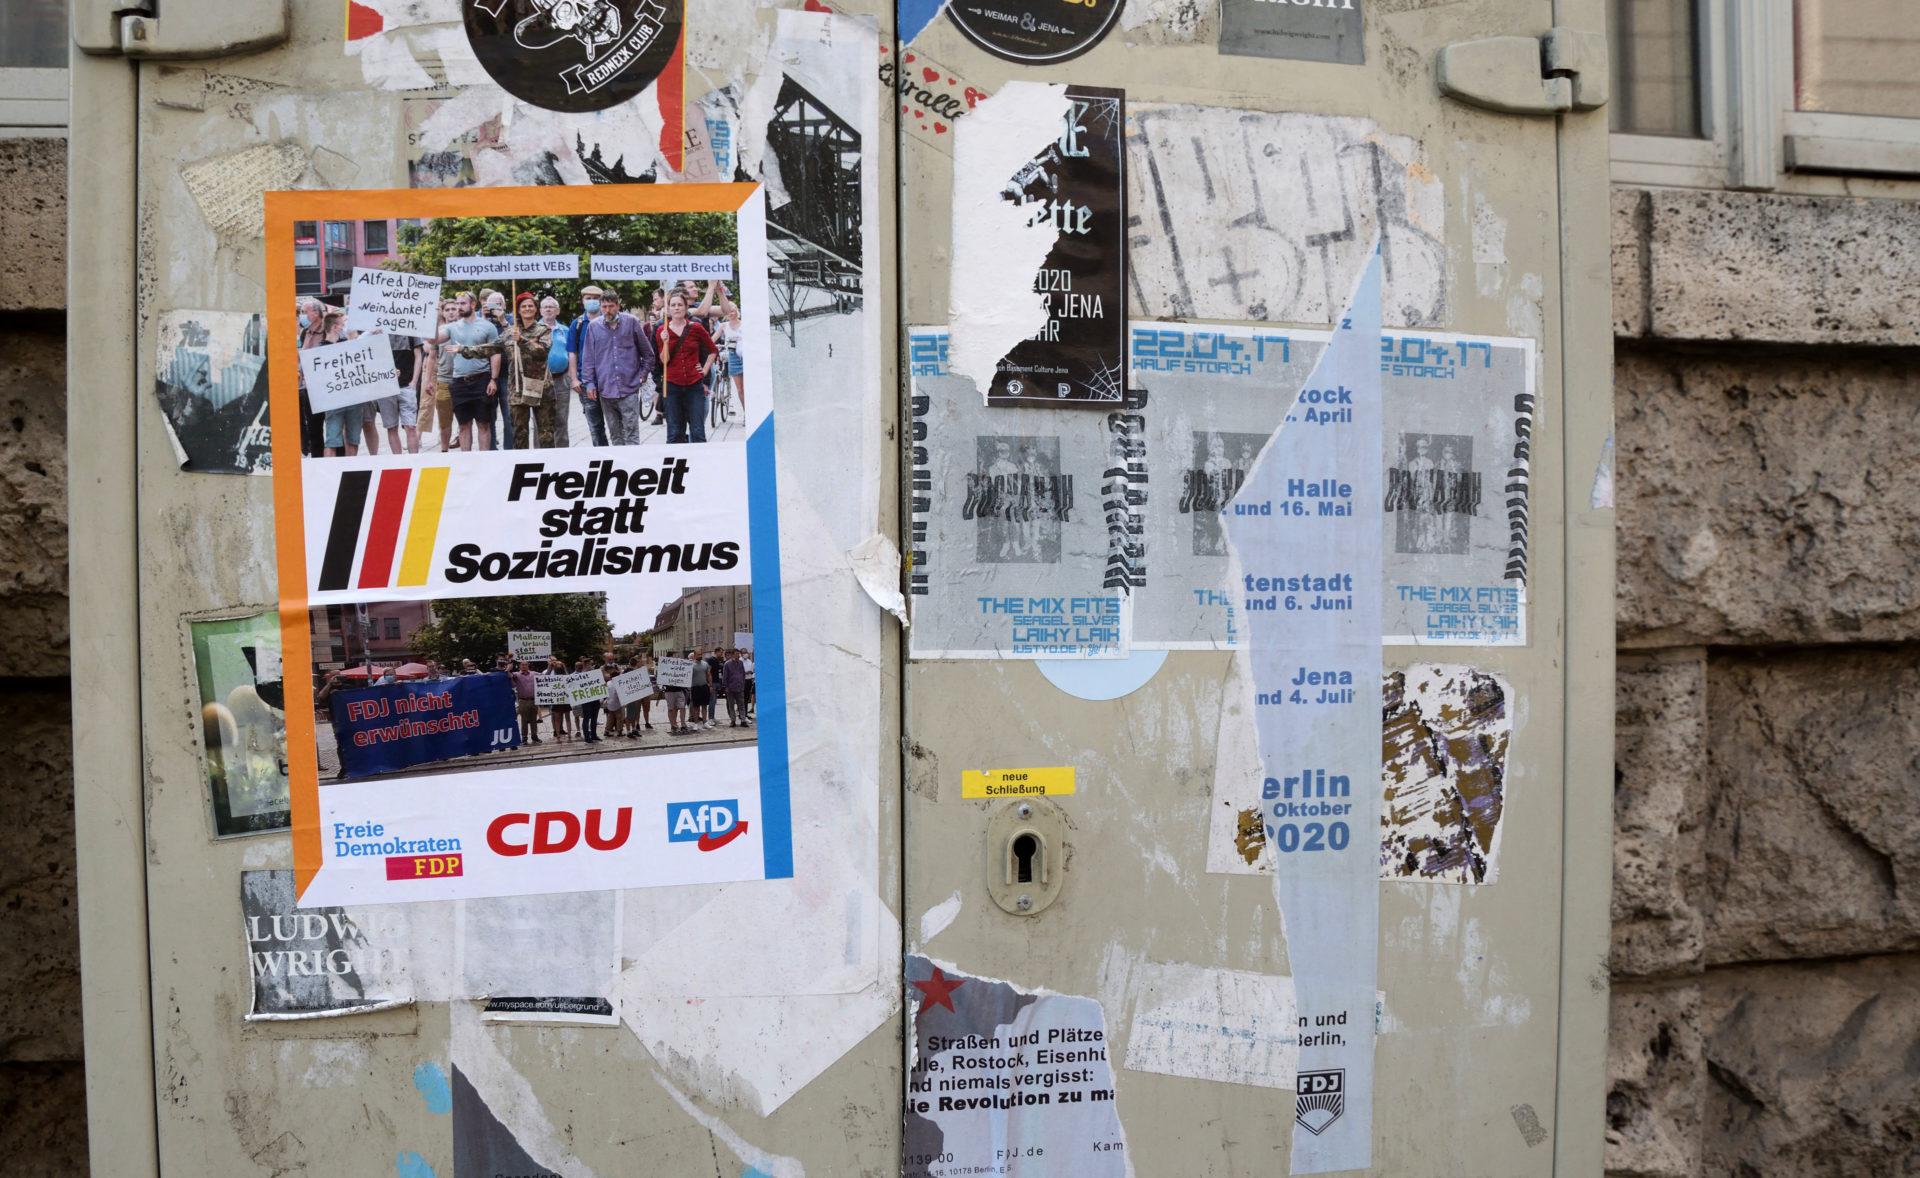 Jena: gemeinsame Kampagne von AfD, FDP und CDU?